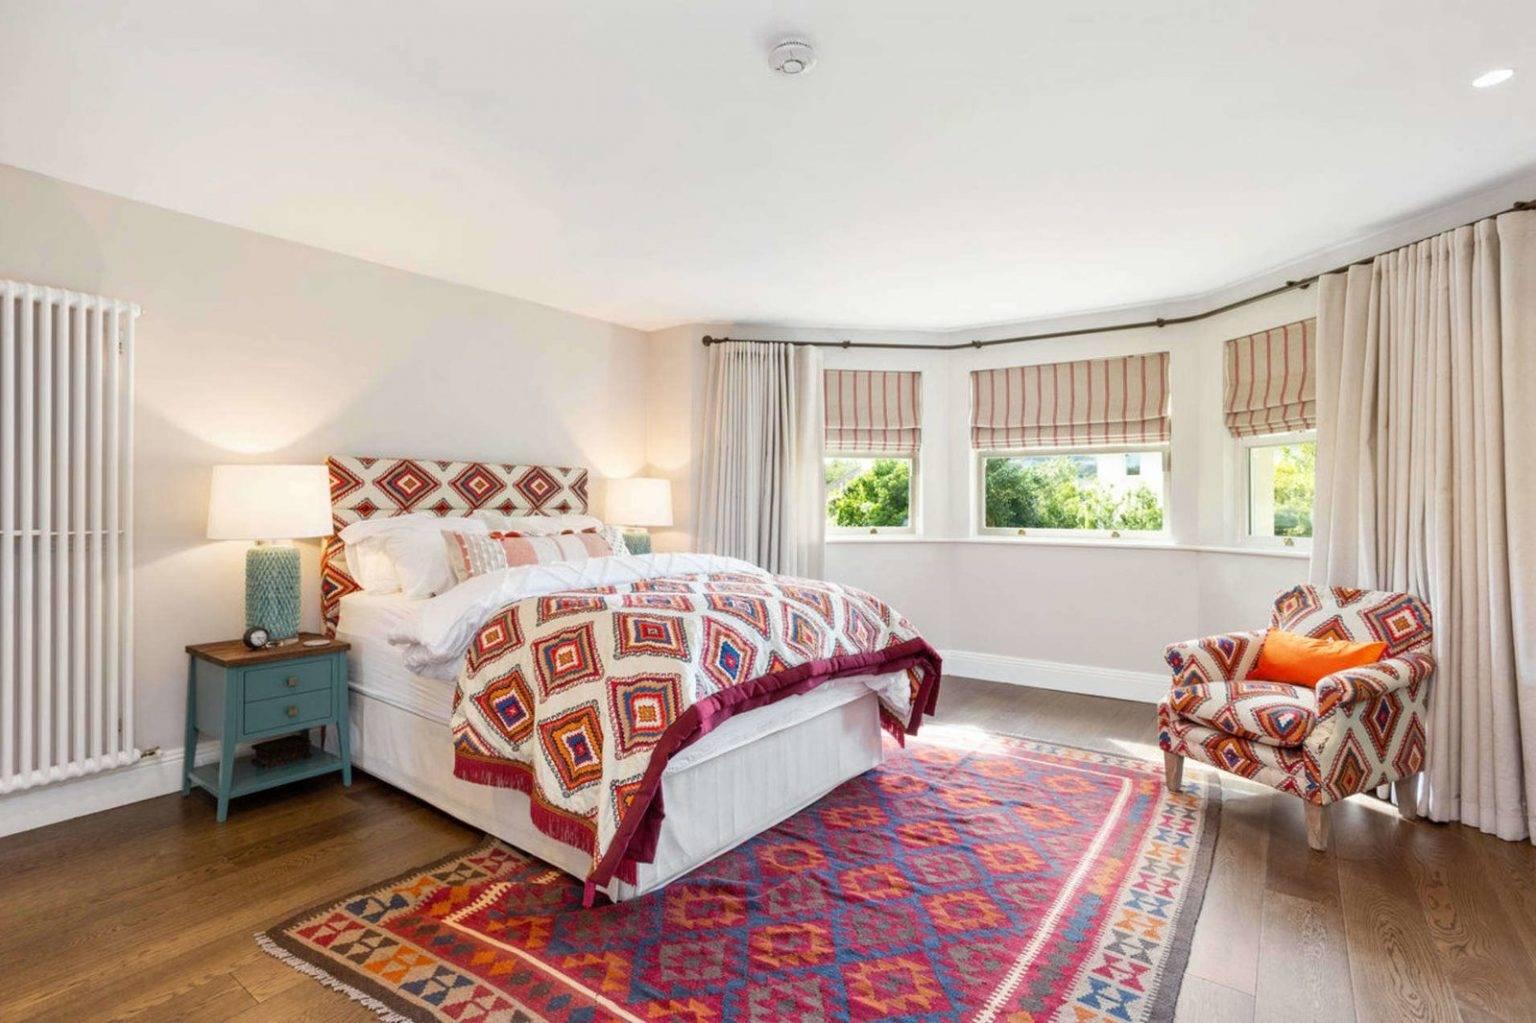 Dormitorio de la casa de Saoirse Ronan de Mujercitas. Un dormitorio más atrevido